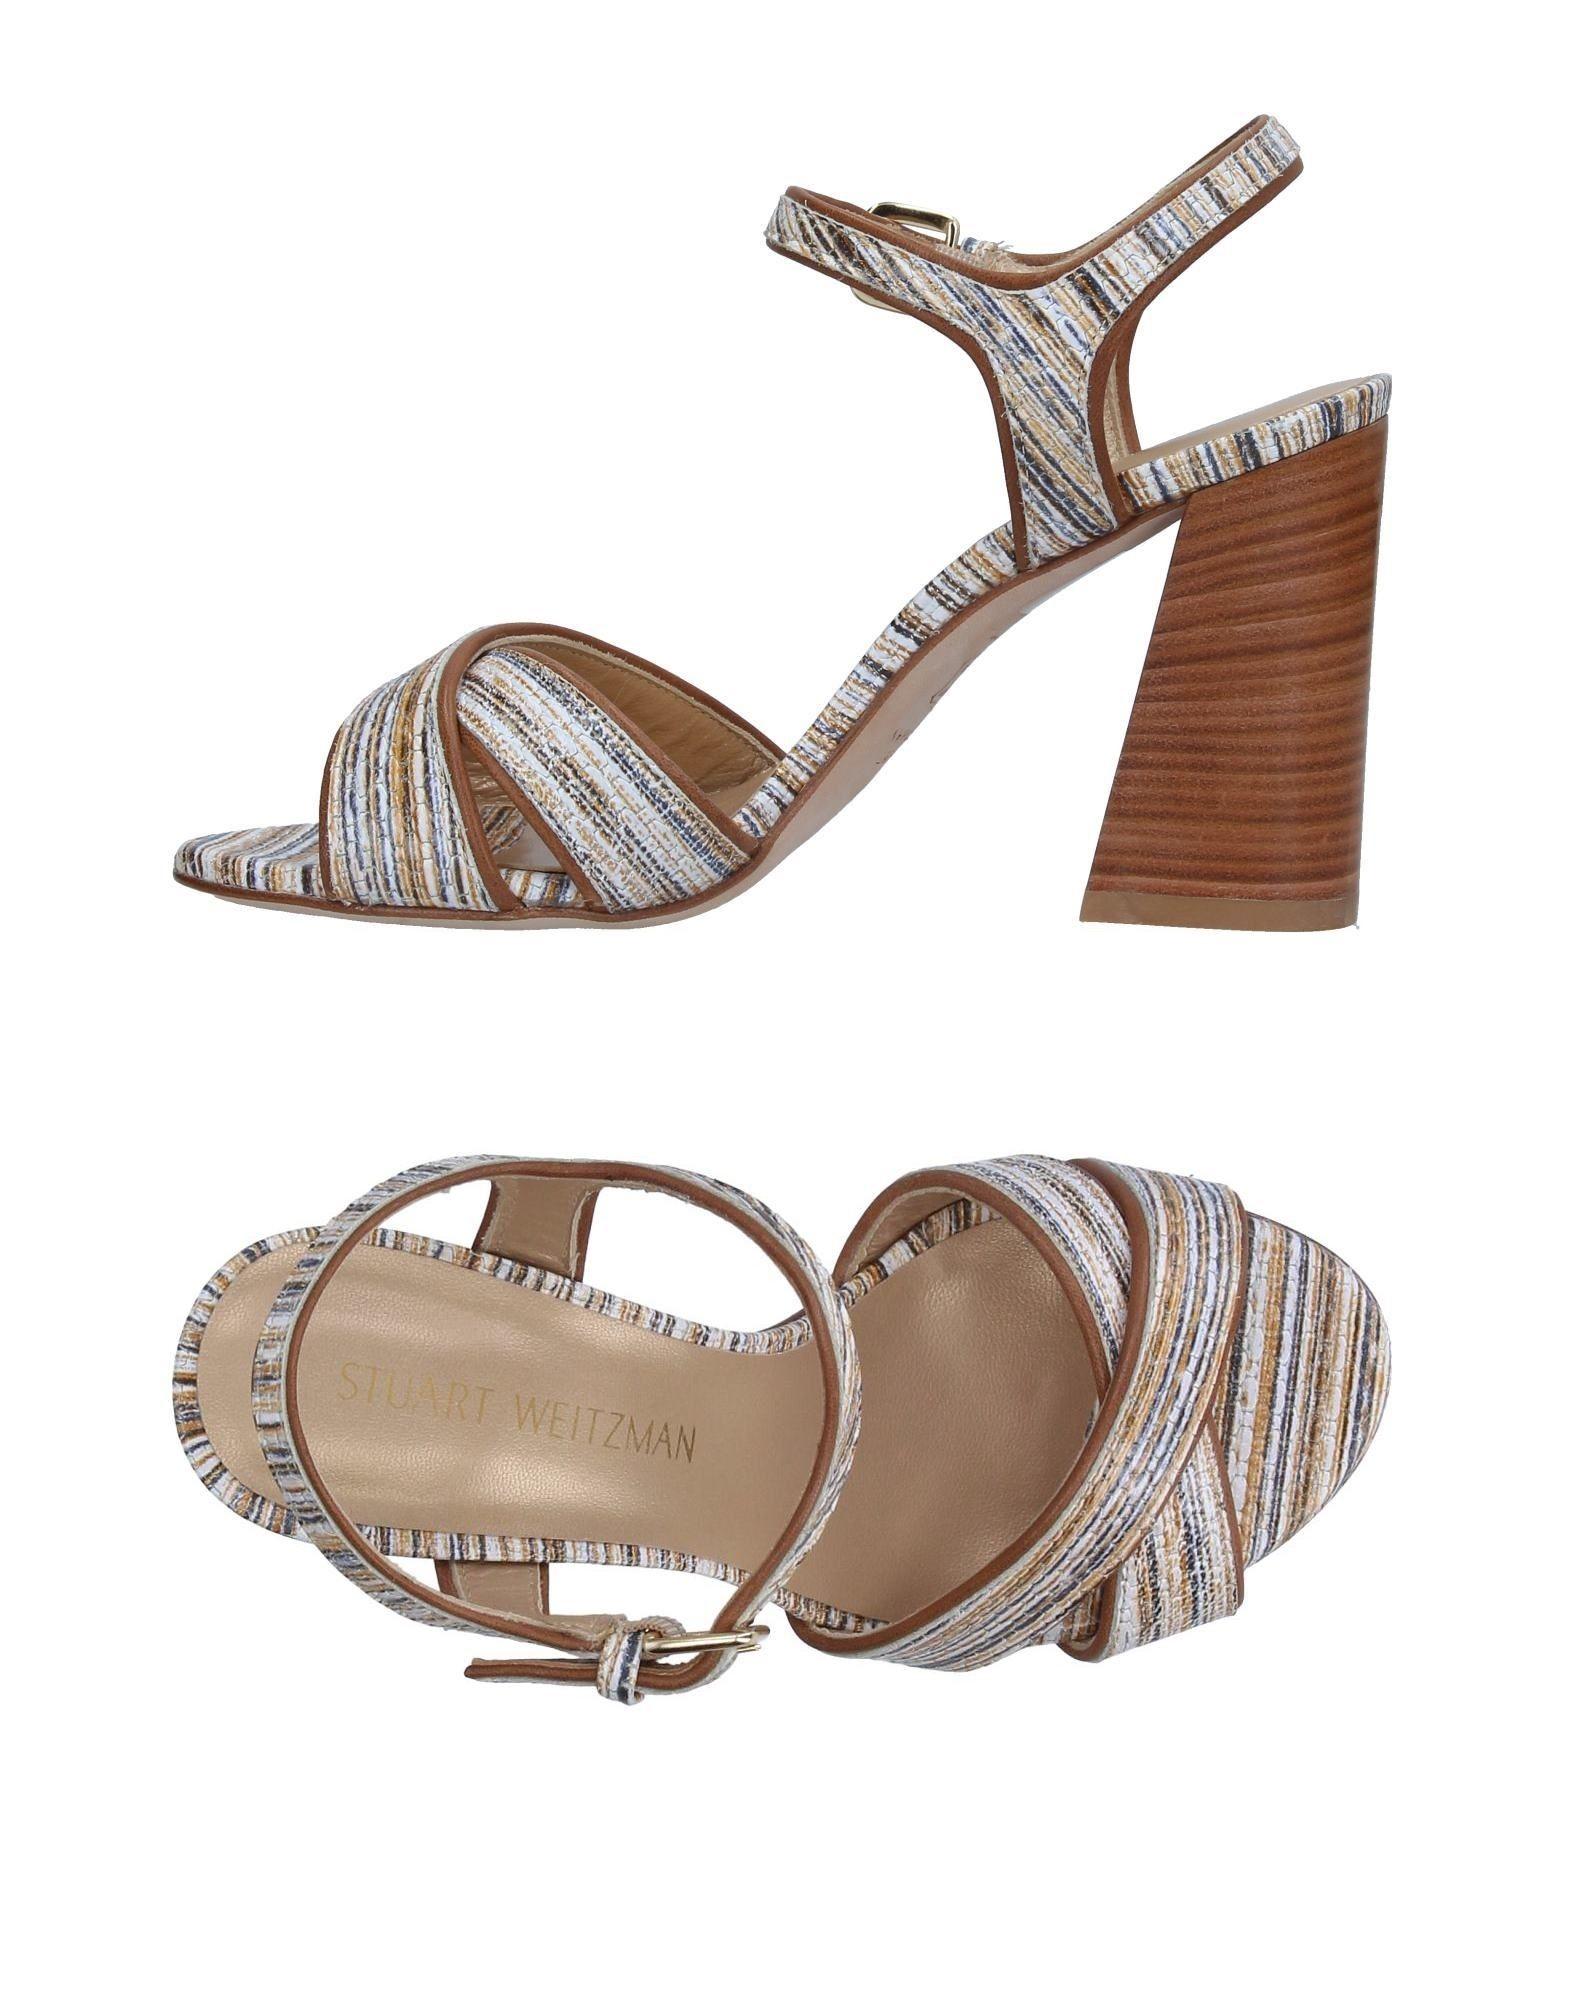 Stuart Weitzman Sandalen Damen Schuhe  11371997DA Neue Schuhe Damen 55d021